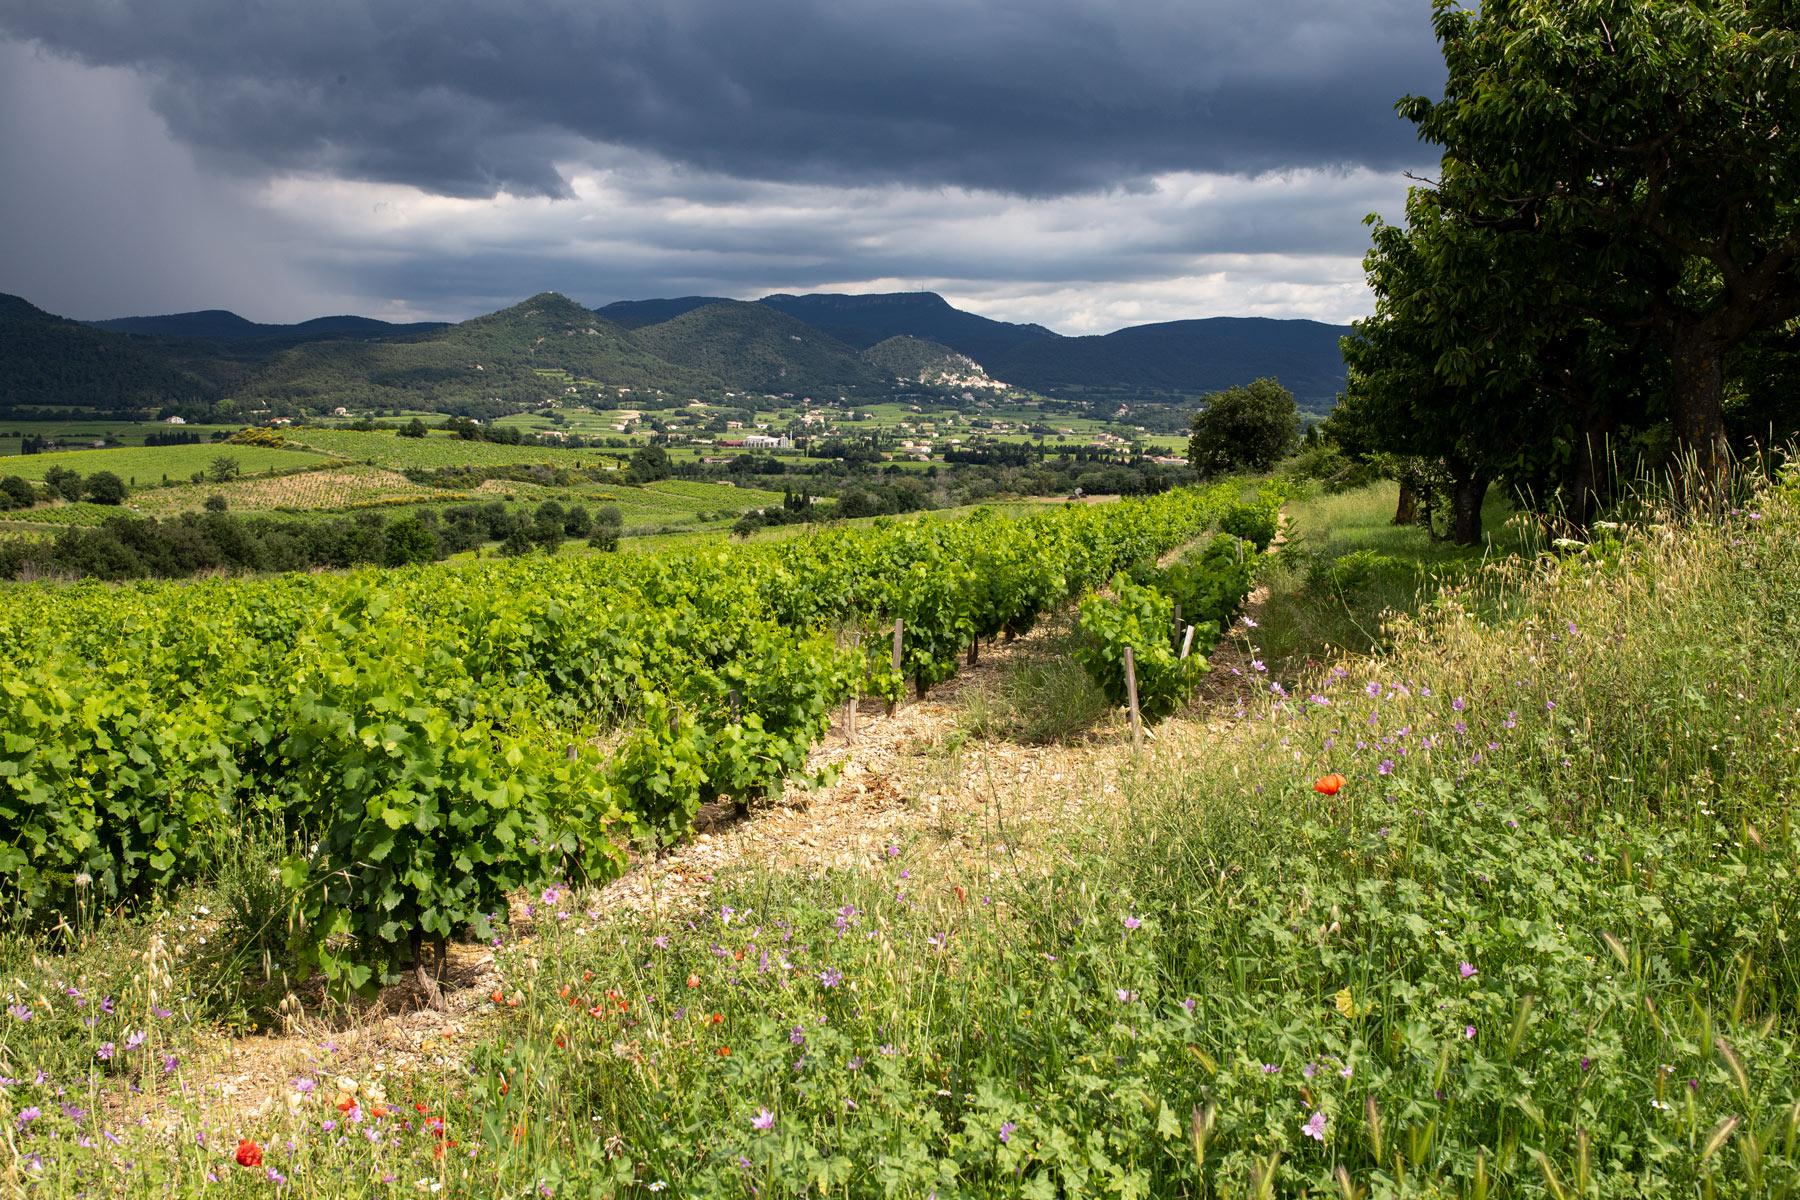 Gewitterstimmung in Rasteau an der südlichen Rhône